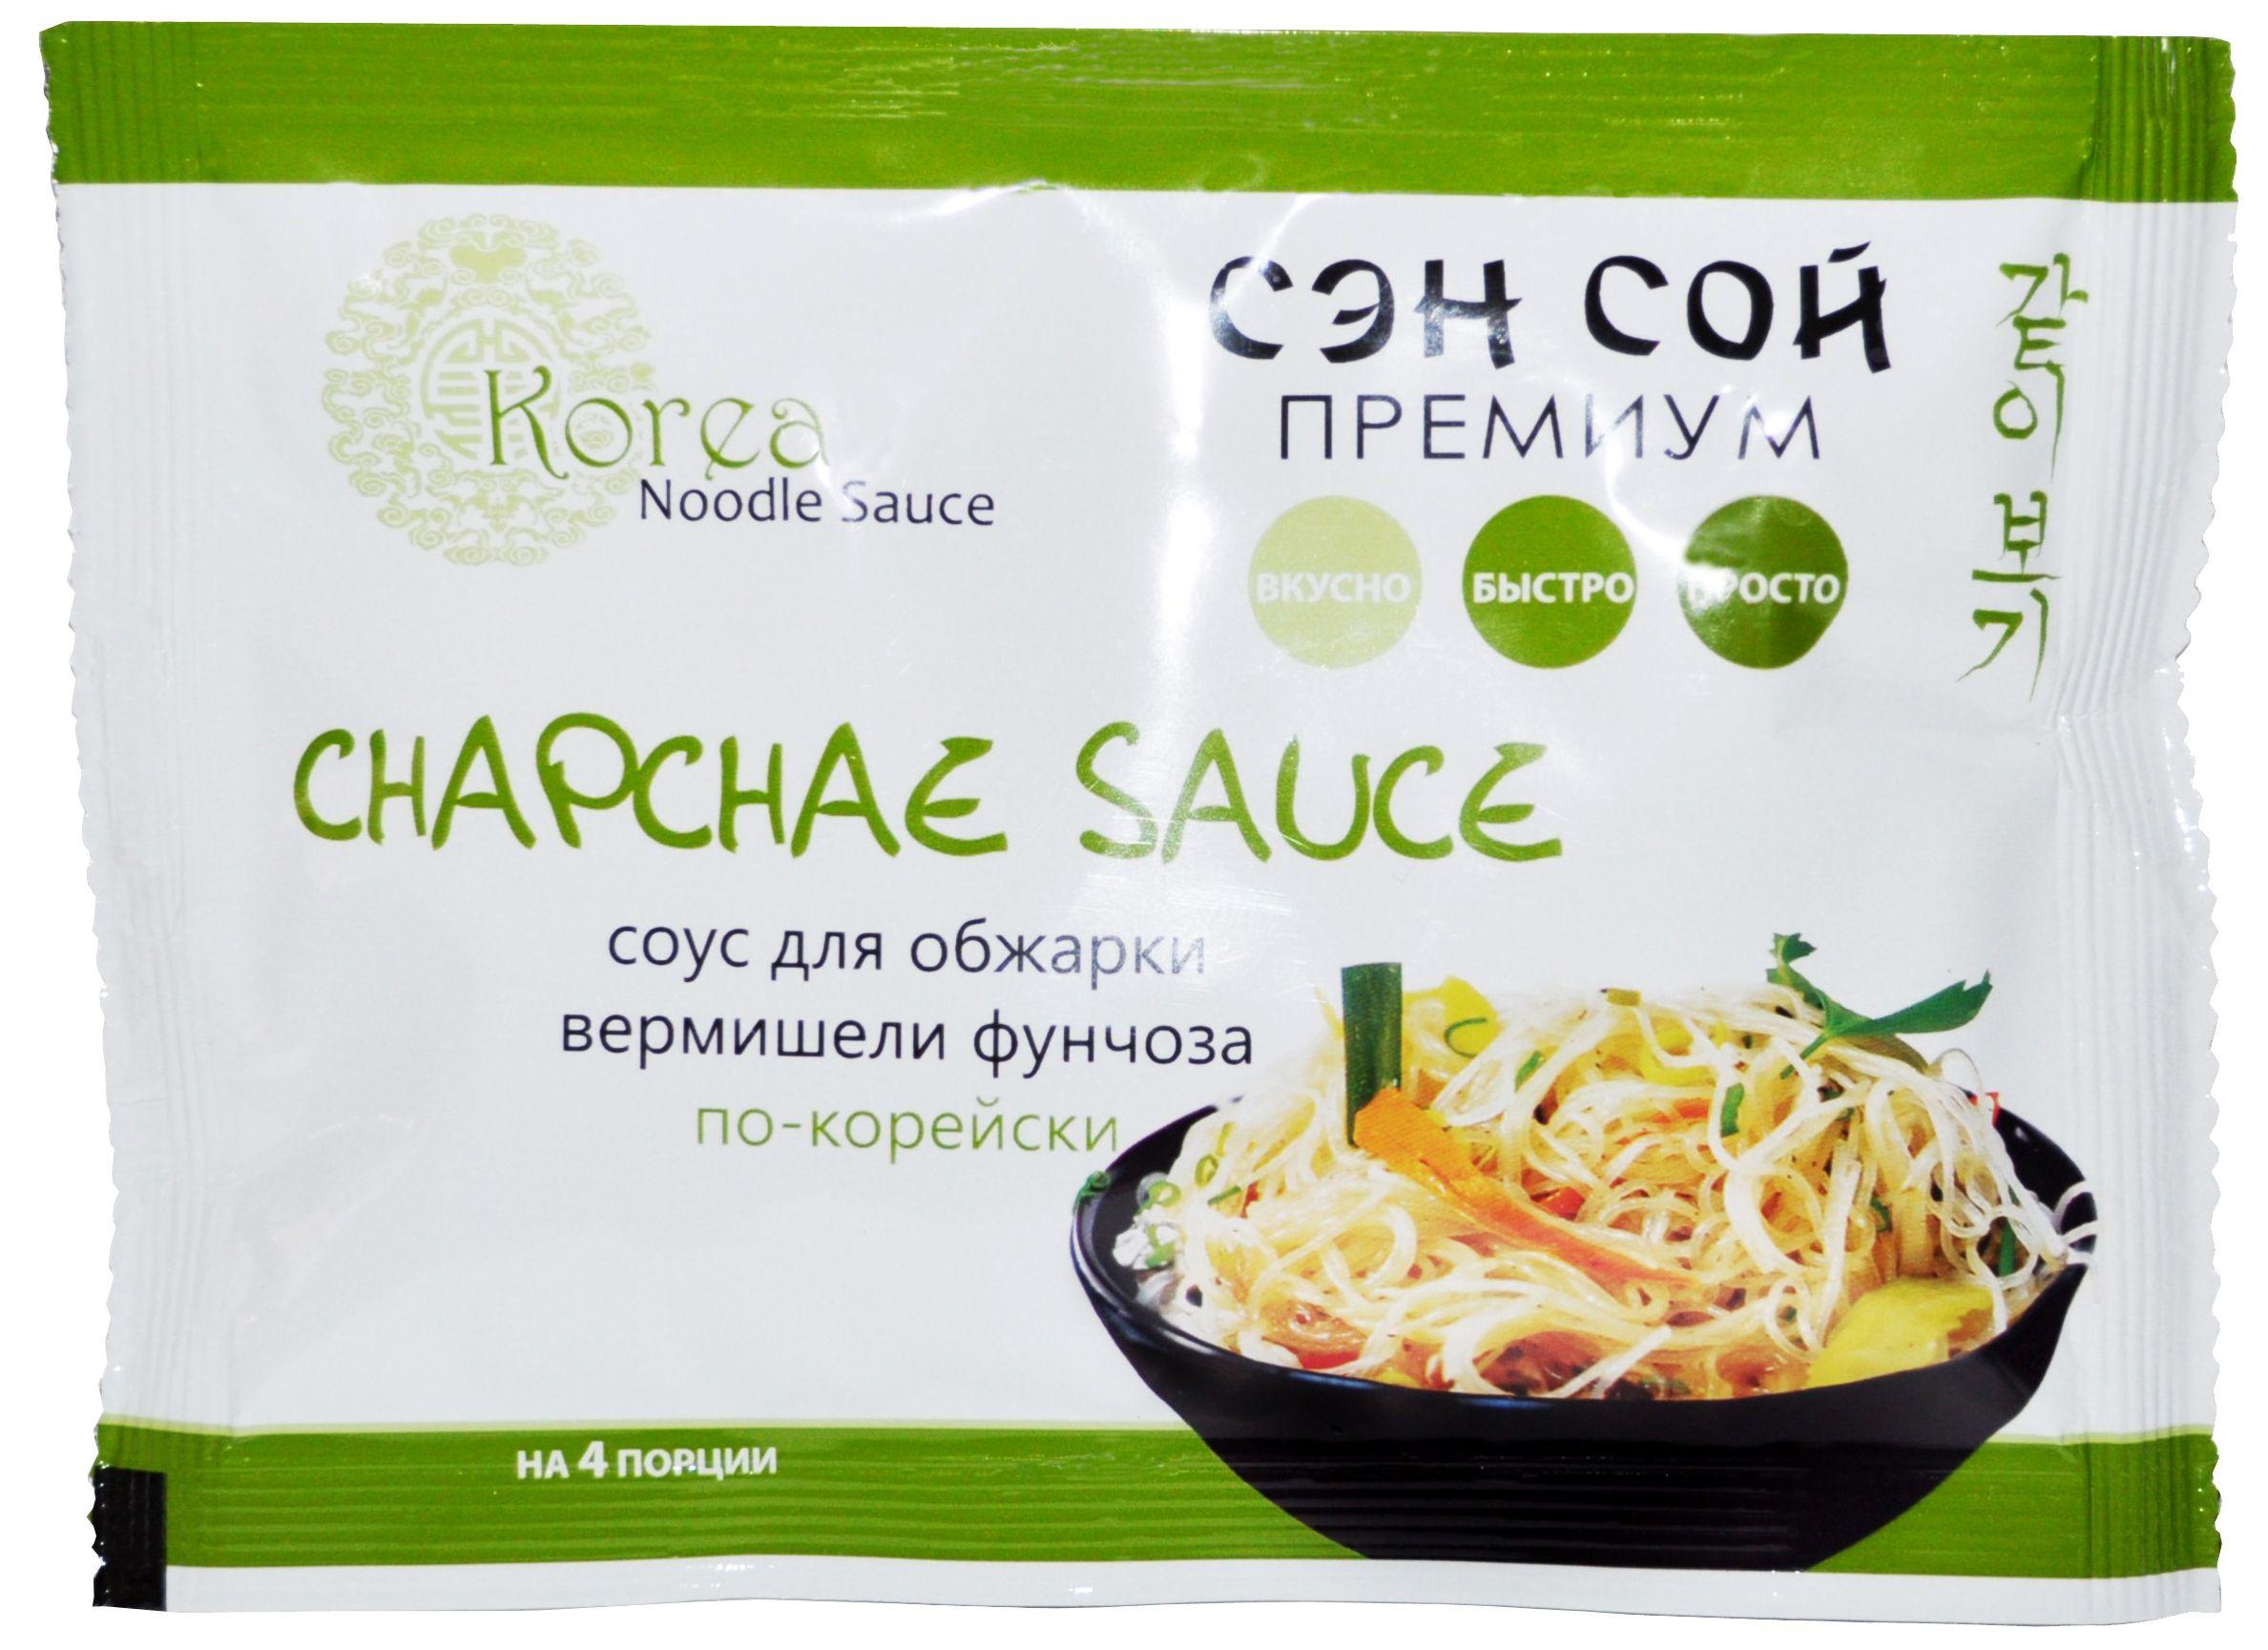 Соус для обжарки Фунчозы 80г. вермишели Фунчоза по-корейски, Сэн Сой Премиум